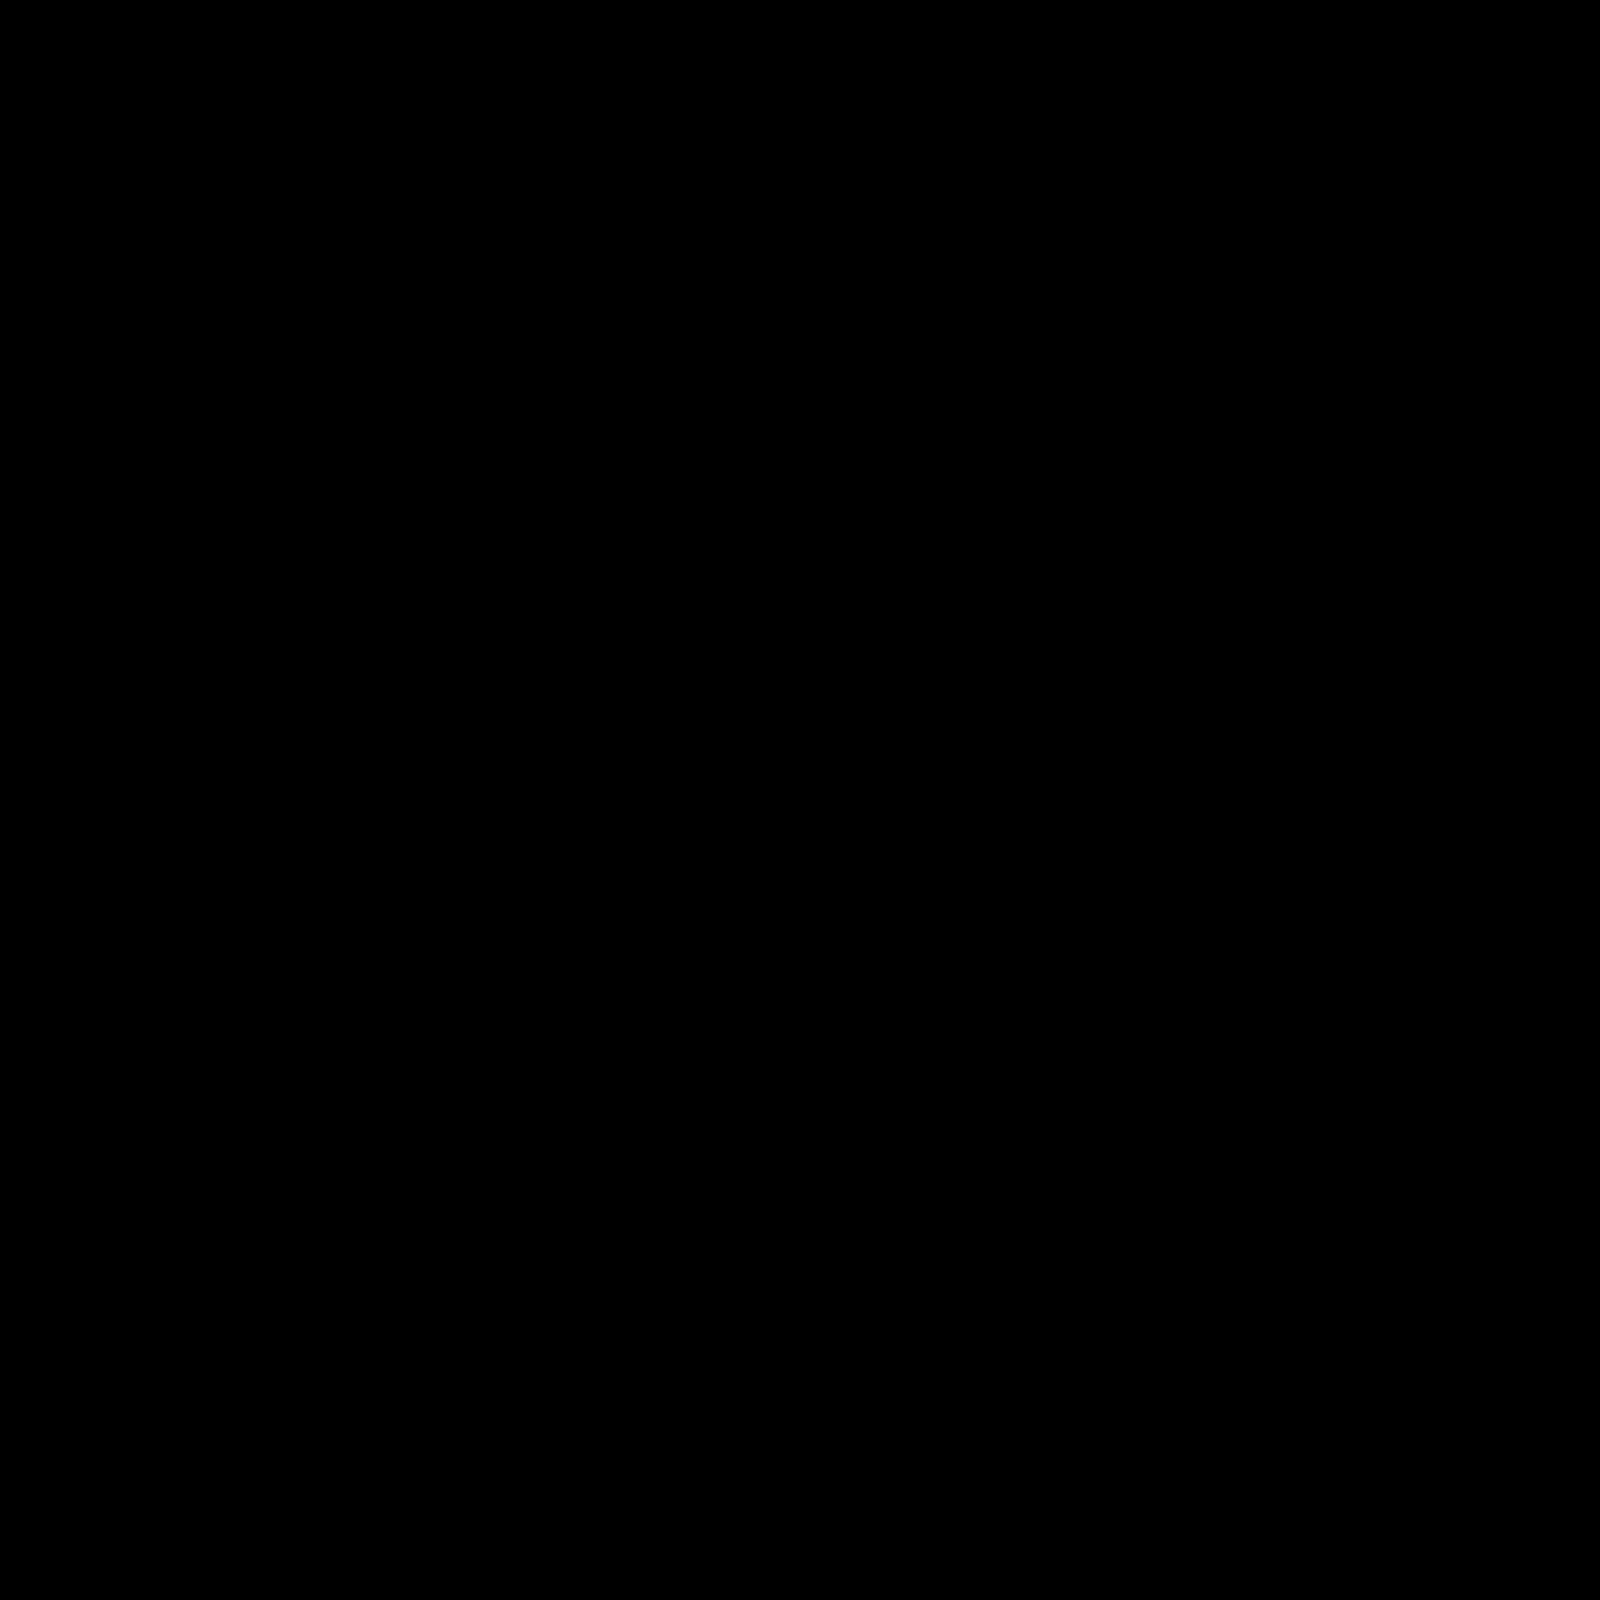 Rectángulo icon